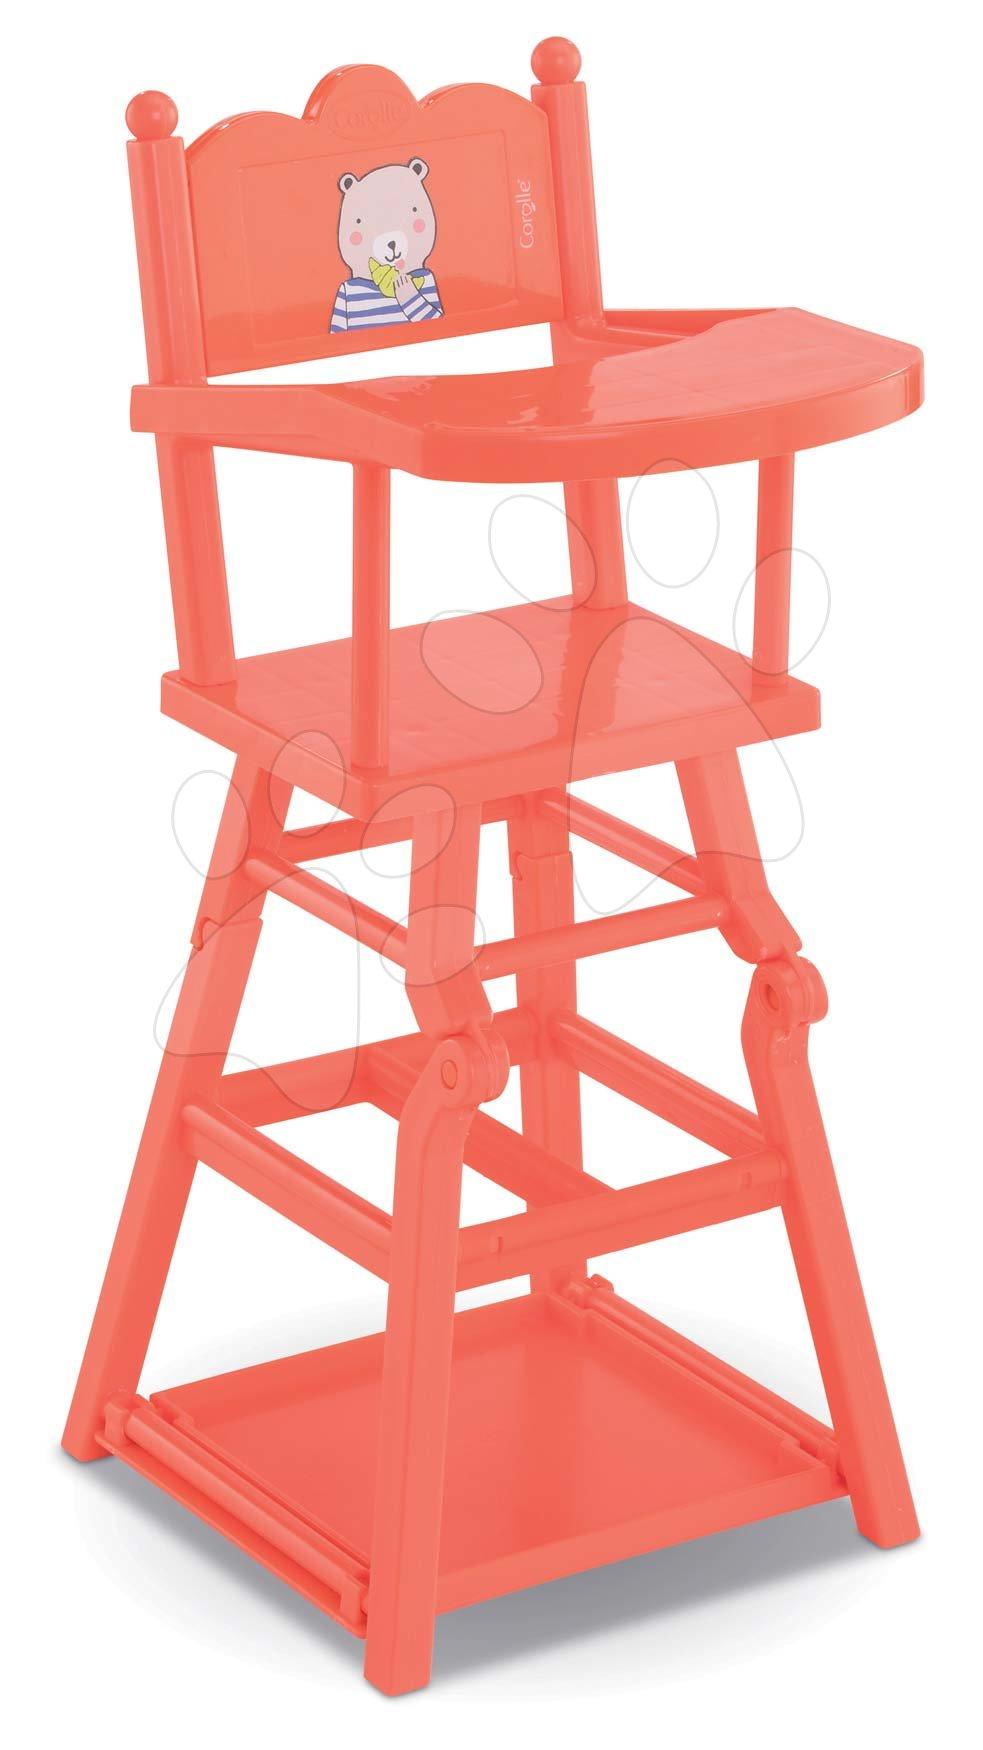 Scaun de masă roz High Chair 2in1 Mon Grand Poupon Corolle pentru păpușă de 36-42 cm roz